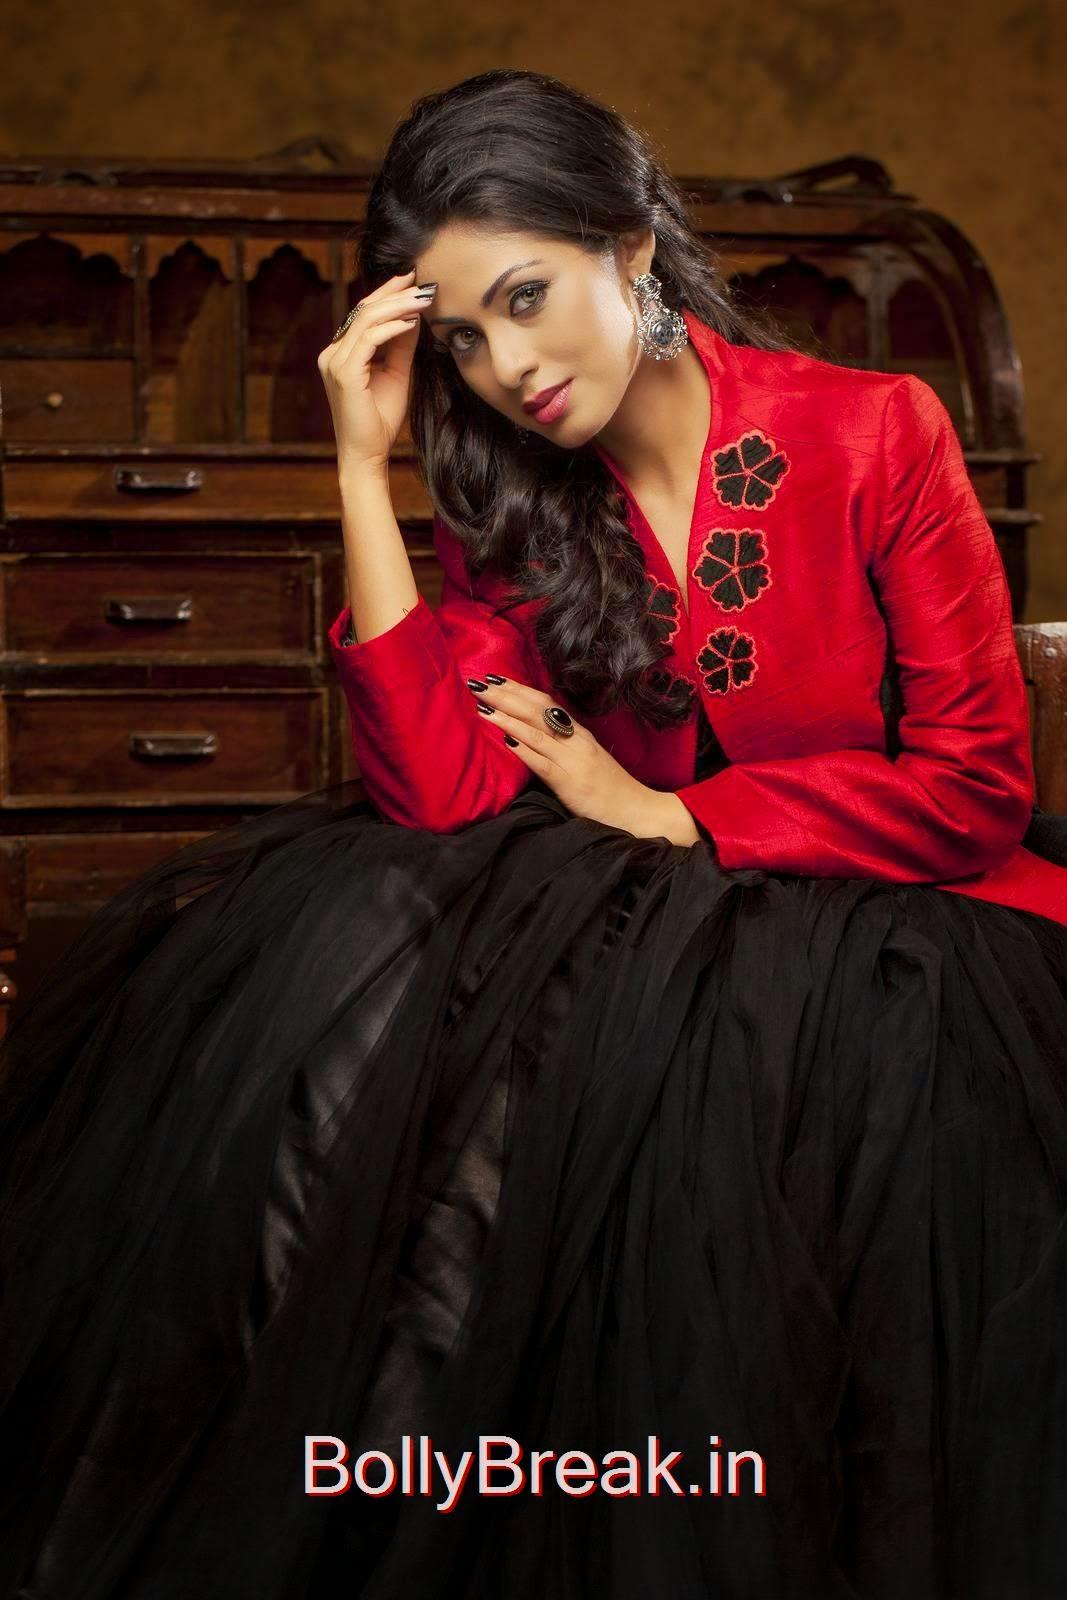 Sada images, Hot HD Images Of Sada In Red & Black Dress